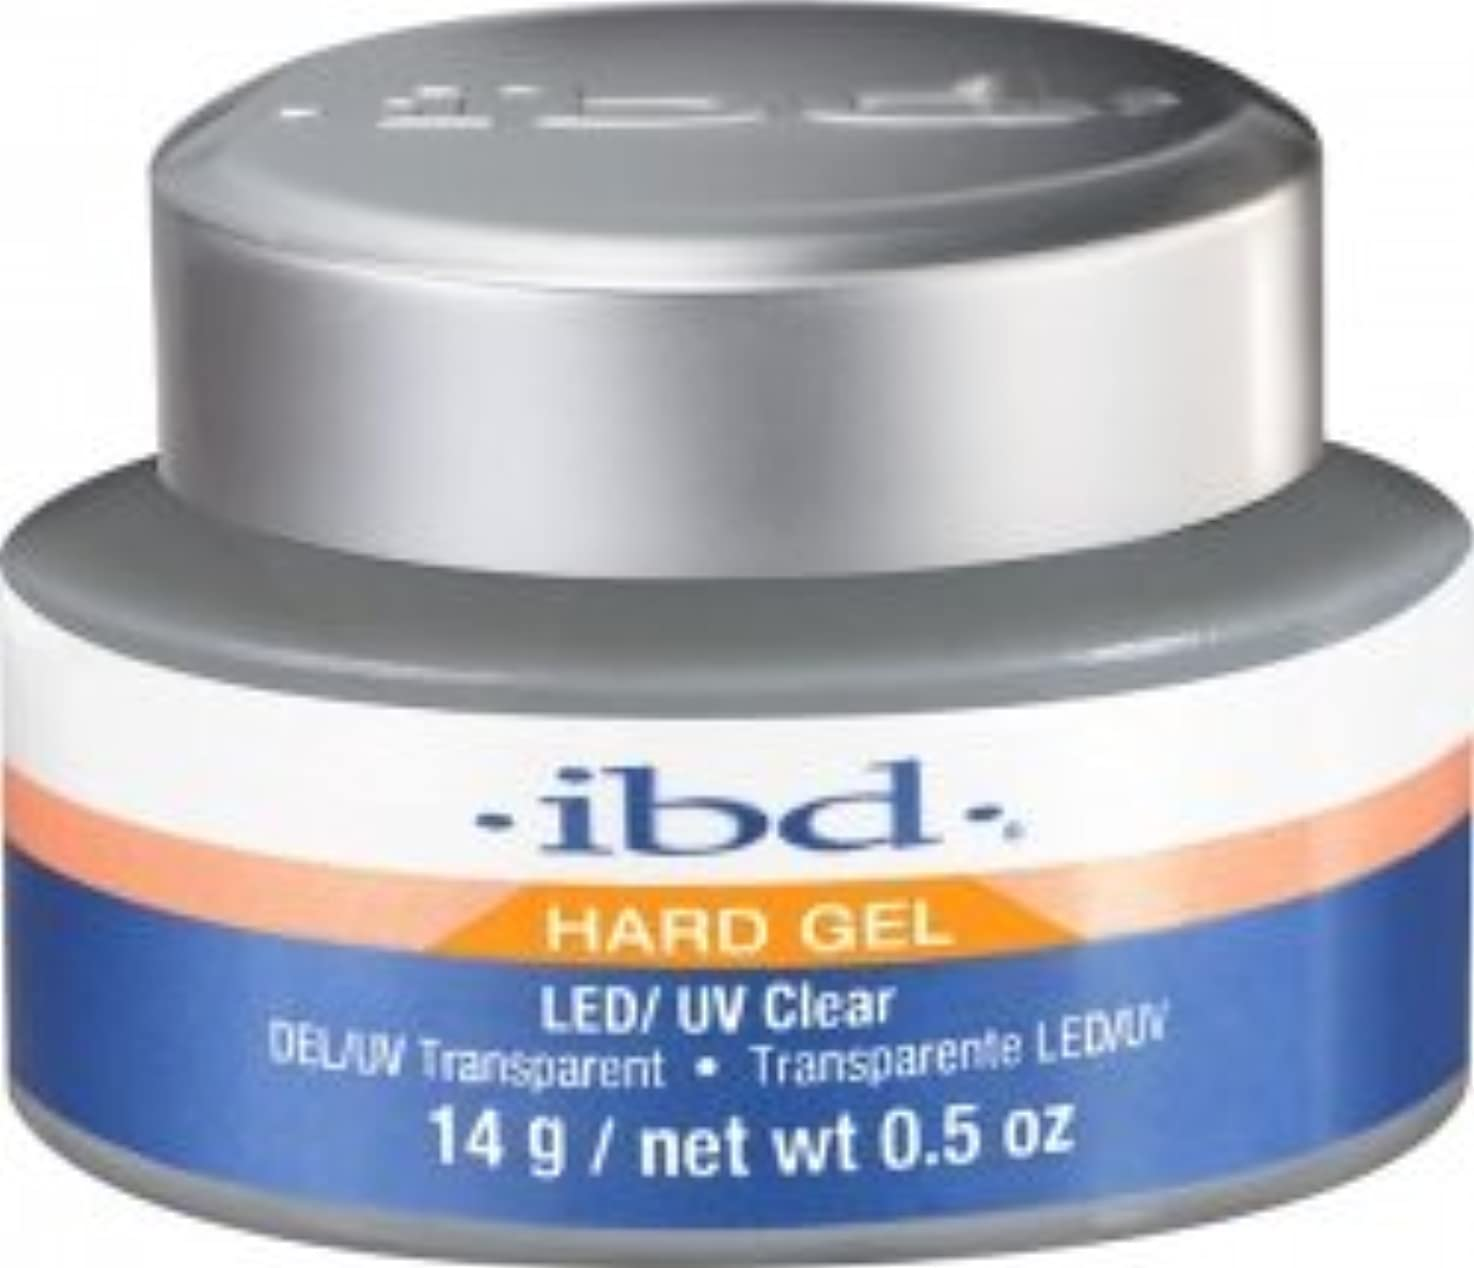 サンドイッチオーク一族IBD LED/UV Clear Gel - .5oz 14g [並行輸入品]